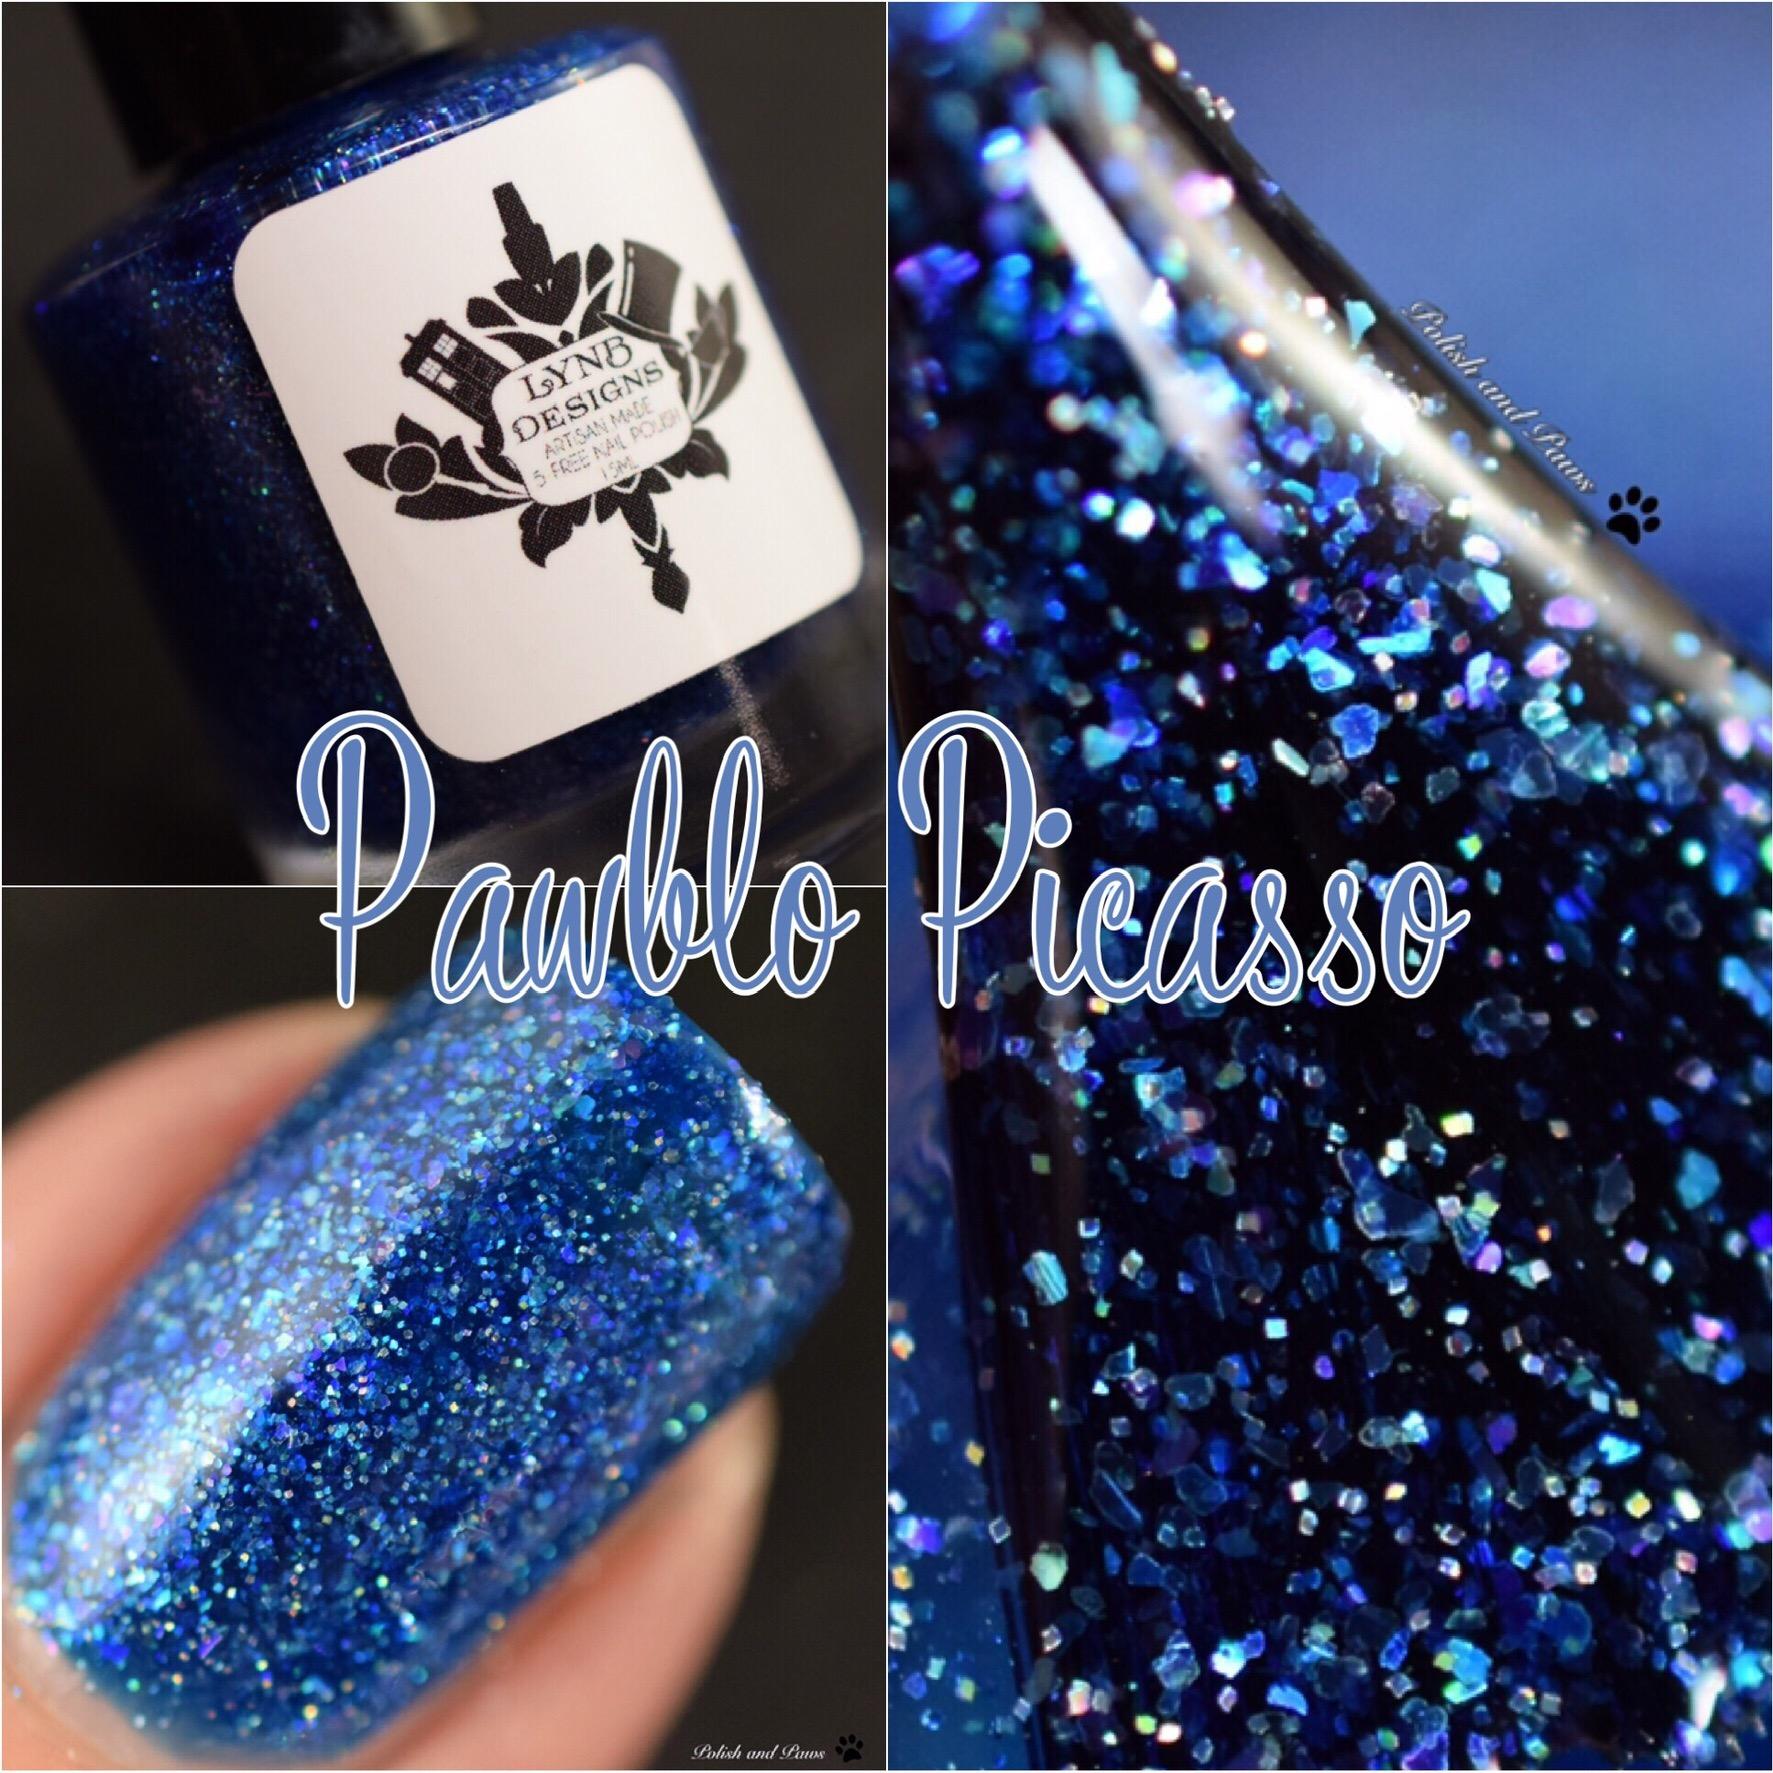 LynB Designs Pawblo Picasso